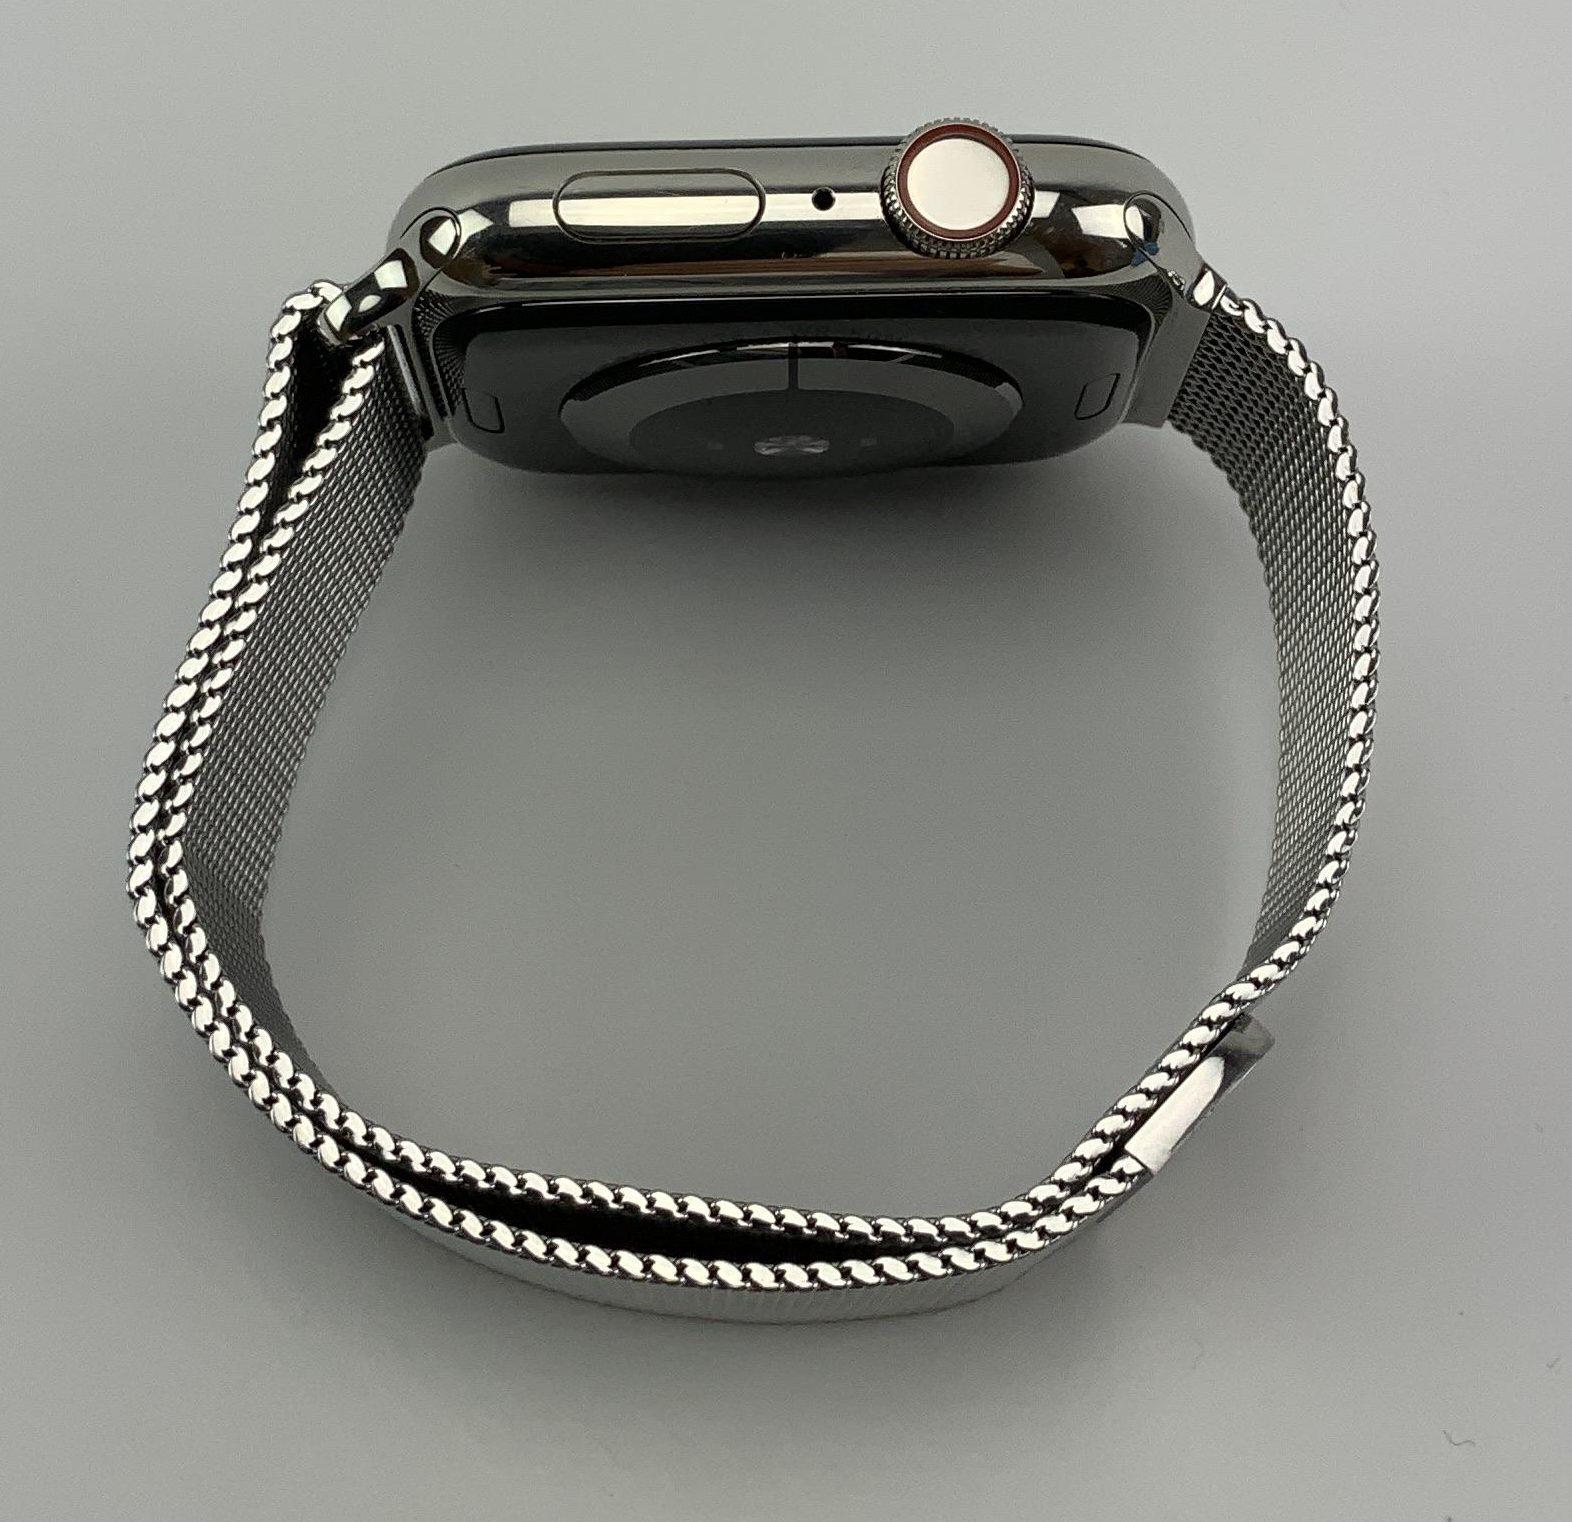 Watch Series 5 Steel Cellular (44mm), Silver, Bild 2